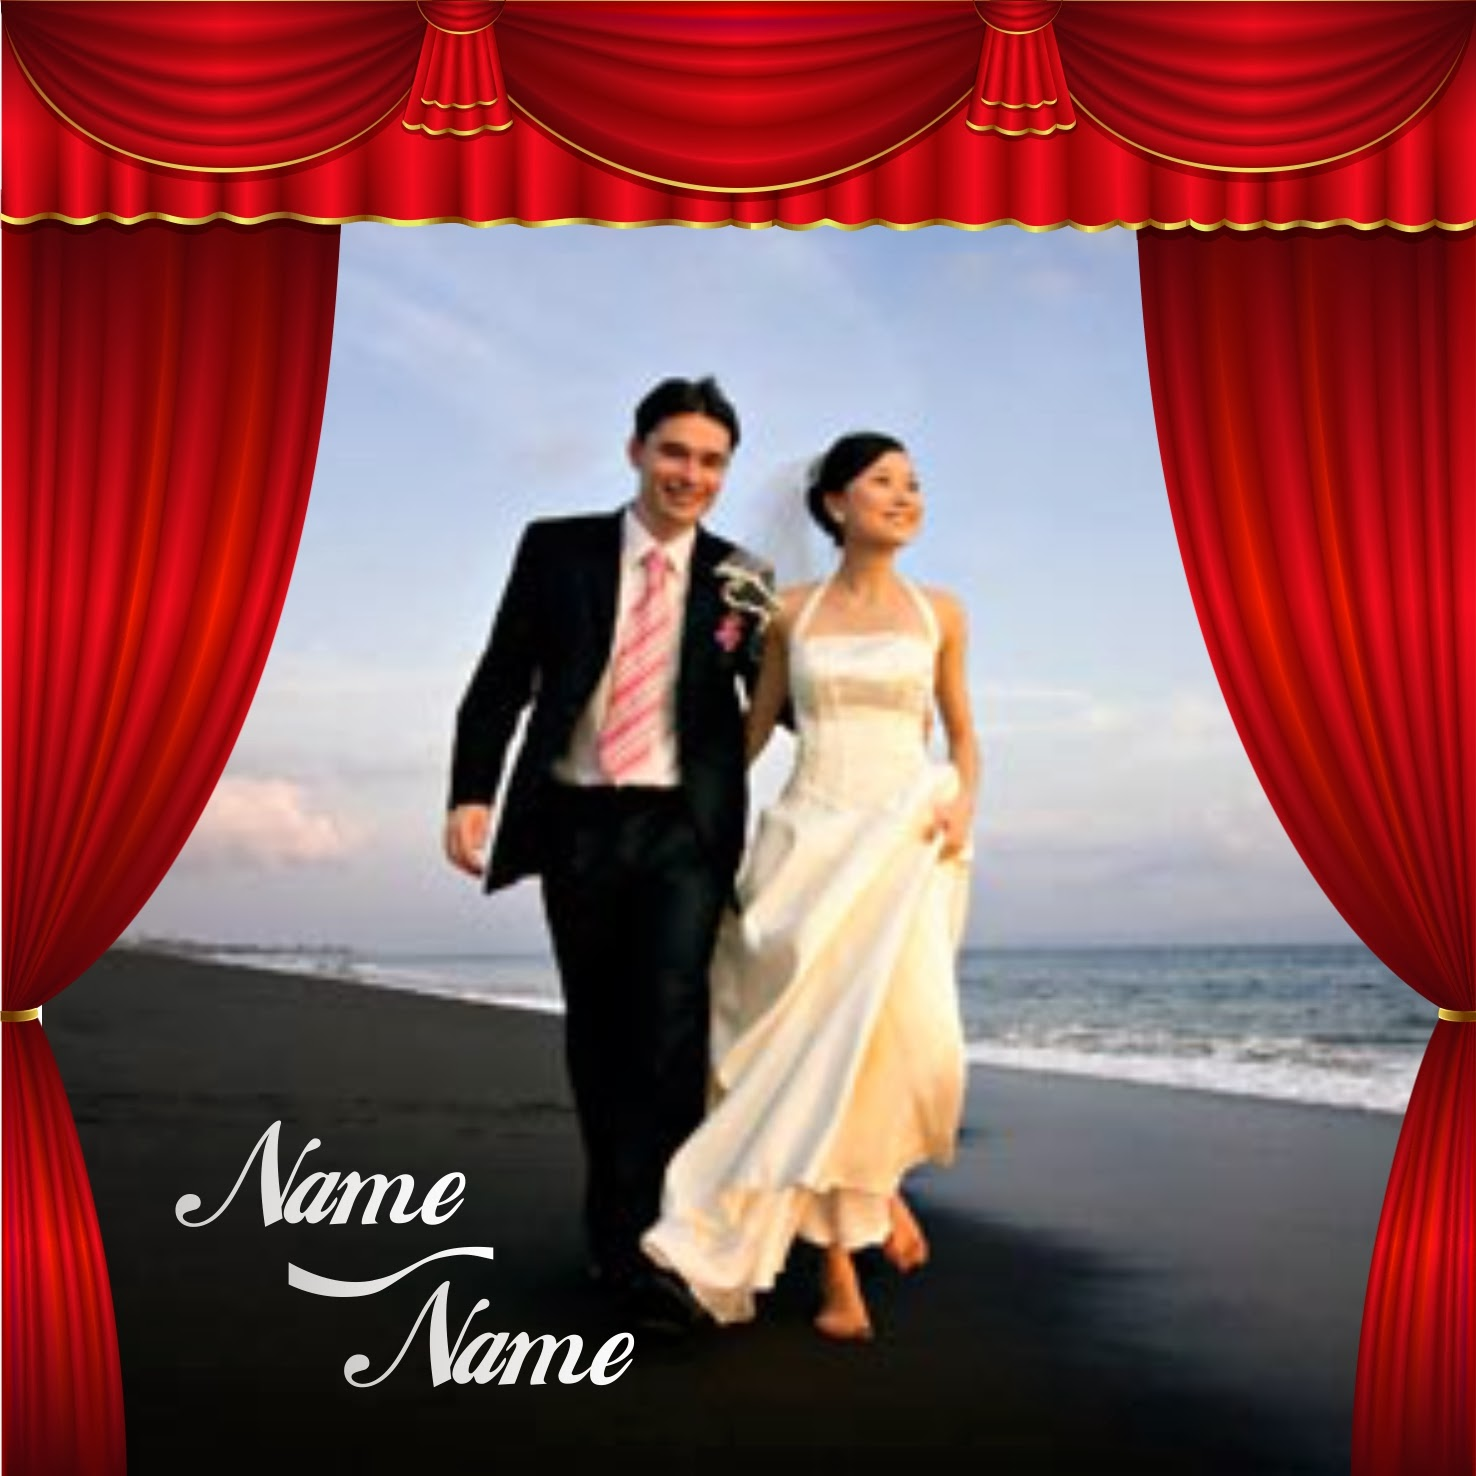 template undangan pernikahan cdr file gratis download